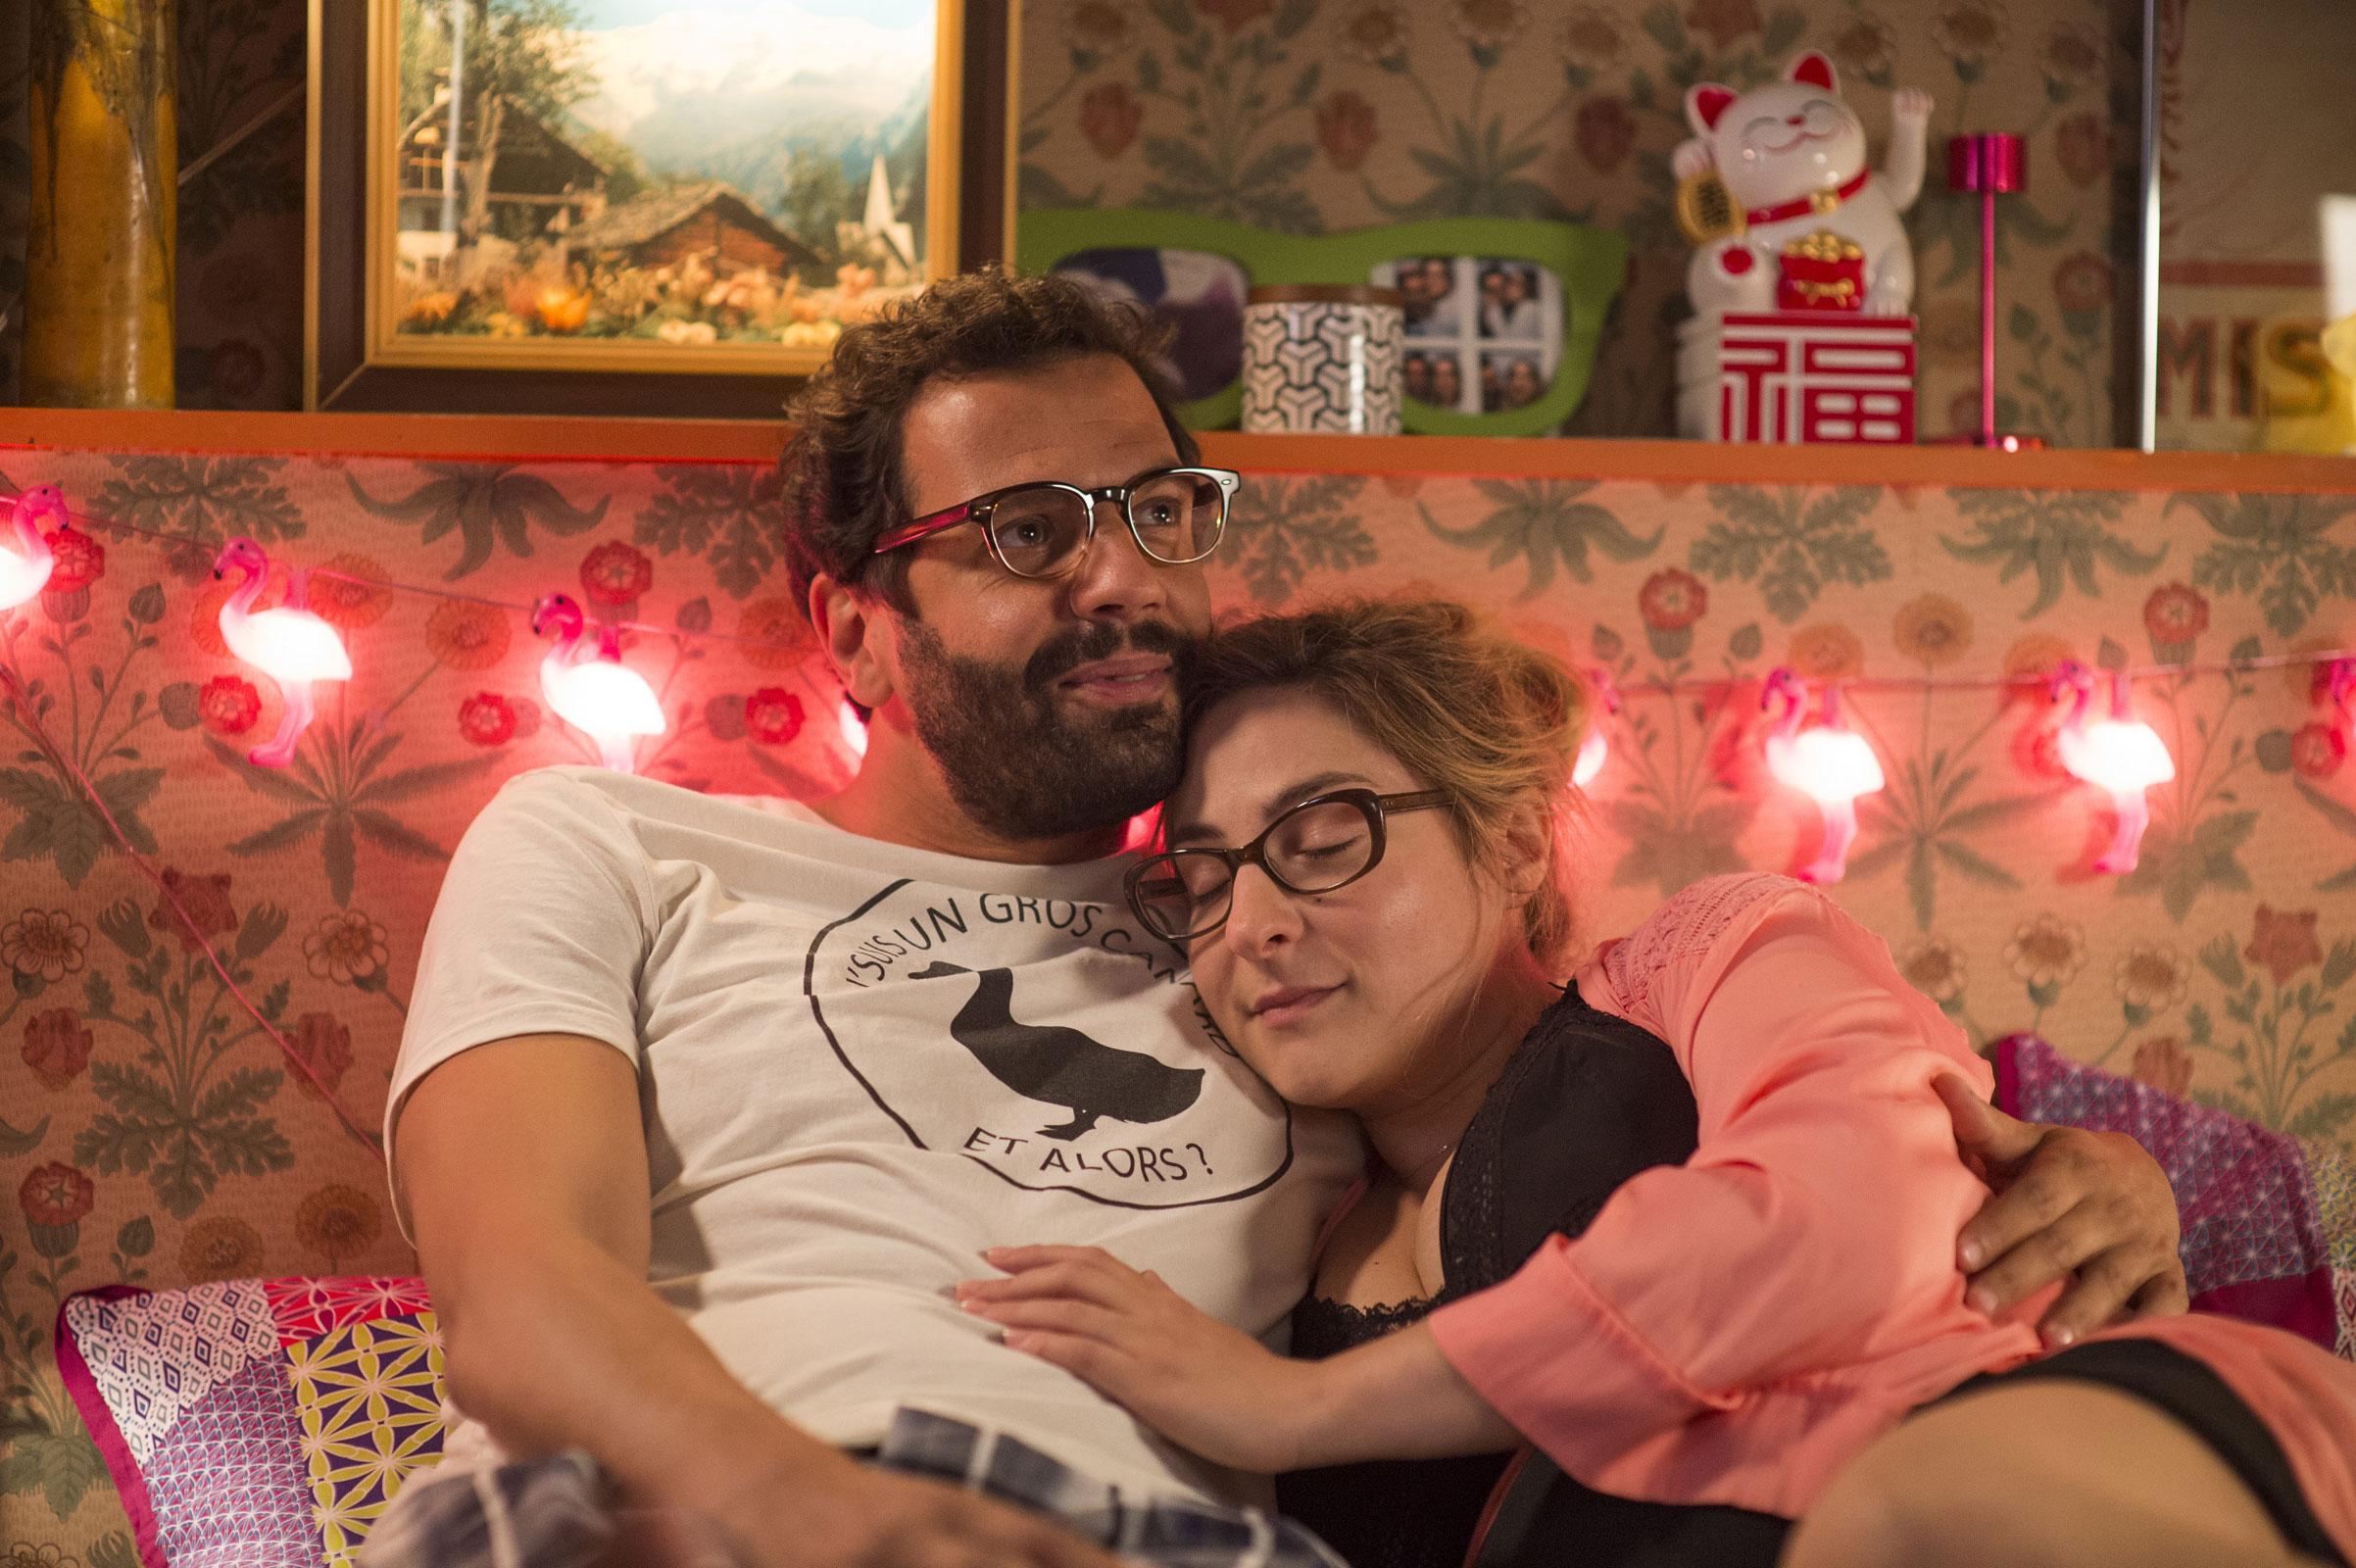 Un vrai couple francais en cam 24 h de chez eux pour les voy - 5 3